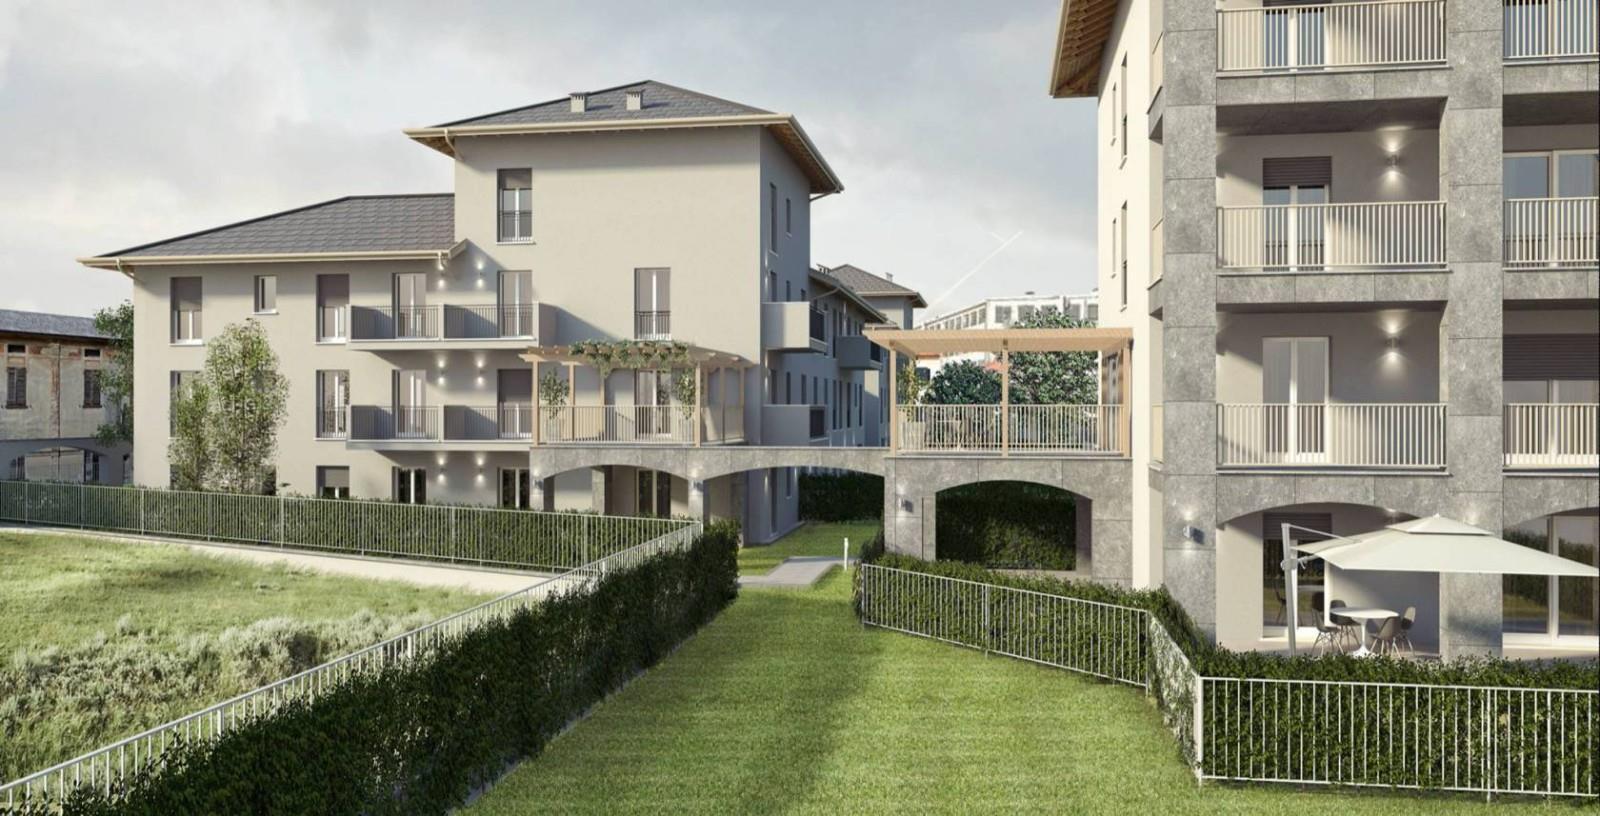 Foto 1 - Appartamento in Vendita - Monza, Zona Regina Pacis